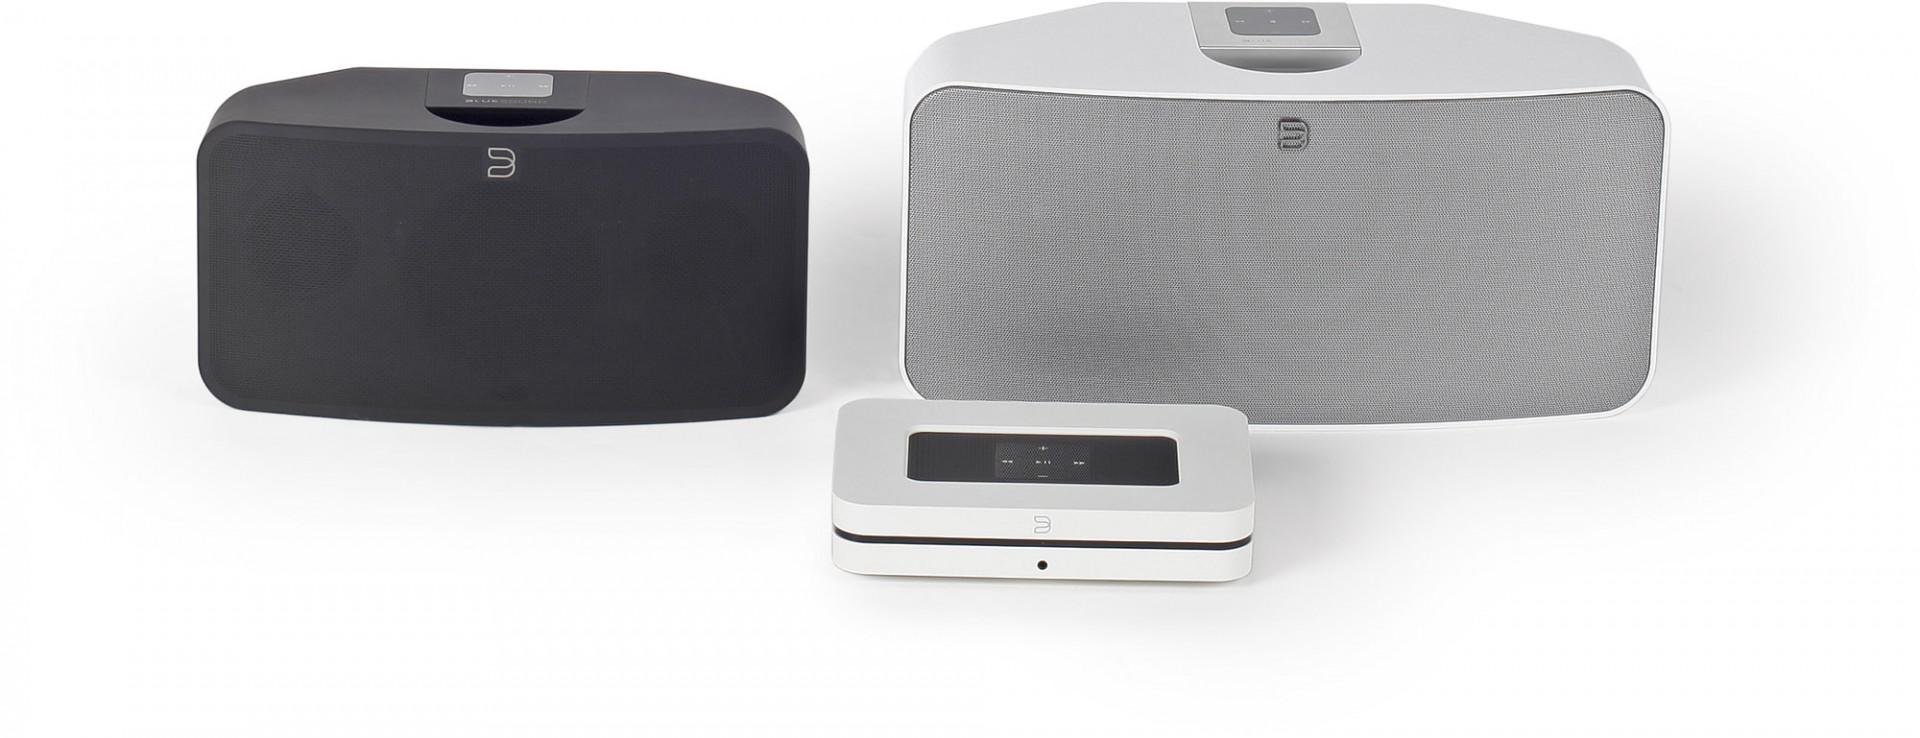 Multiroom-Lautsprecher im Test: Tipps zum Kauf und Einsatz von Sonos ...